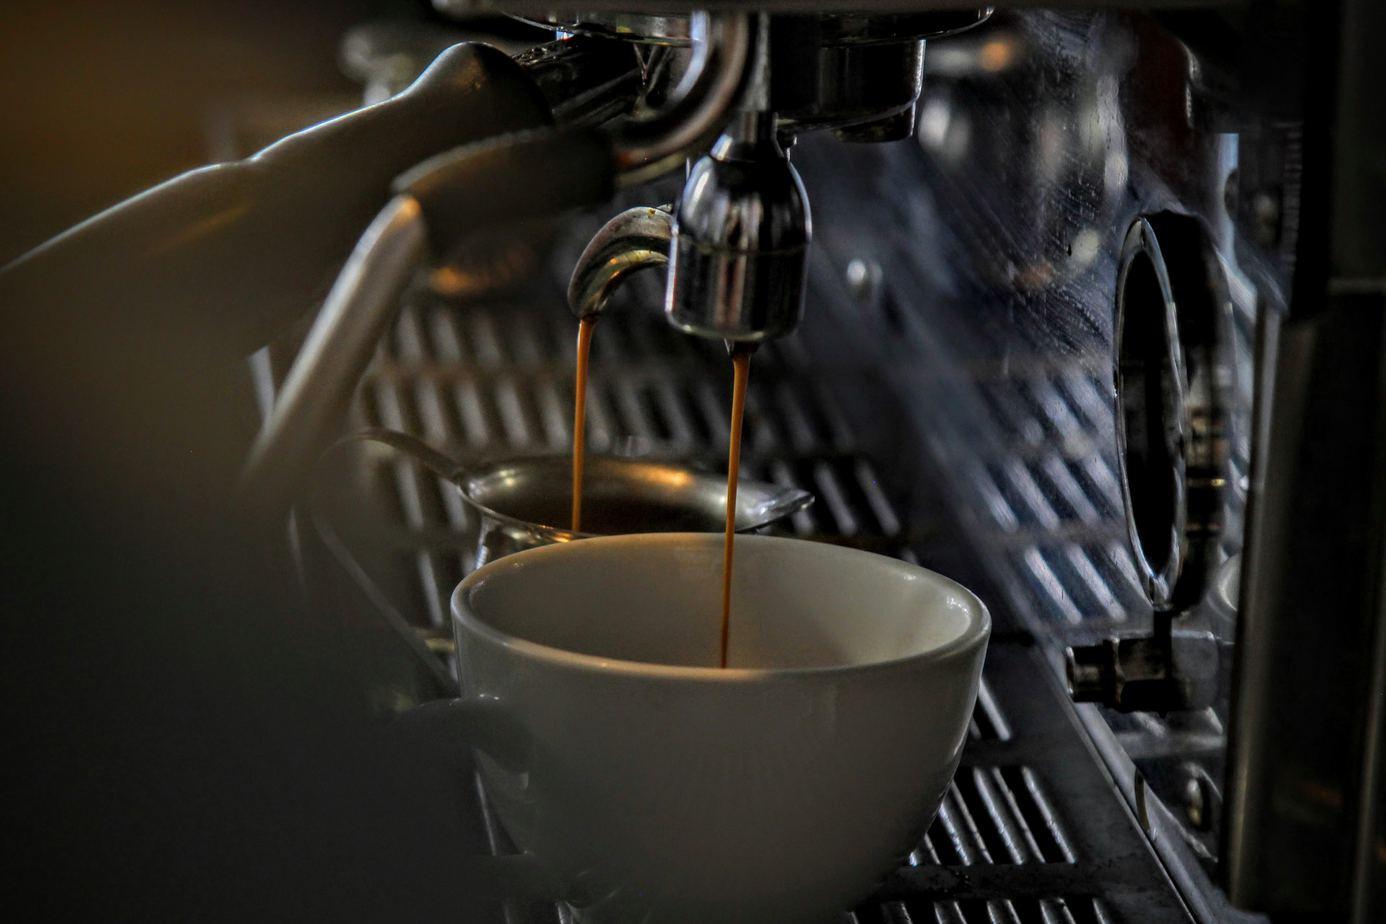 French Press vs  Espresso - Comparing 2 Iconic Coffee